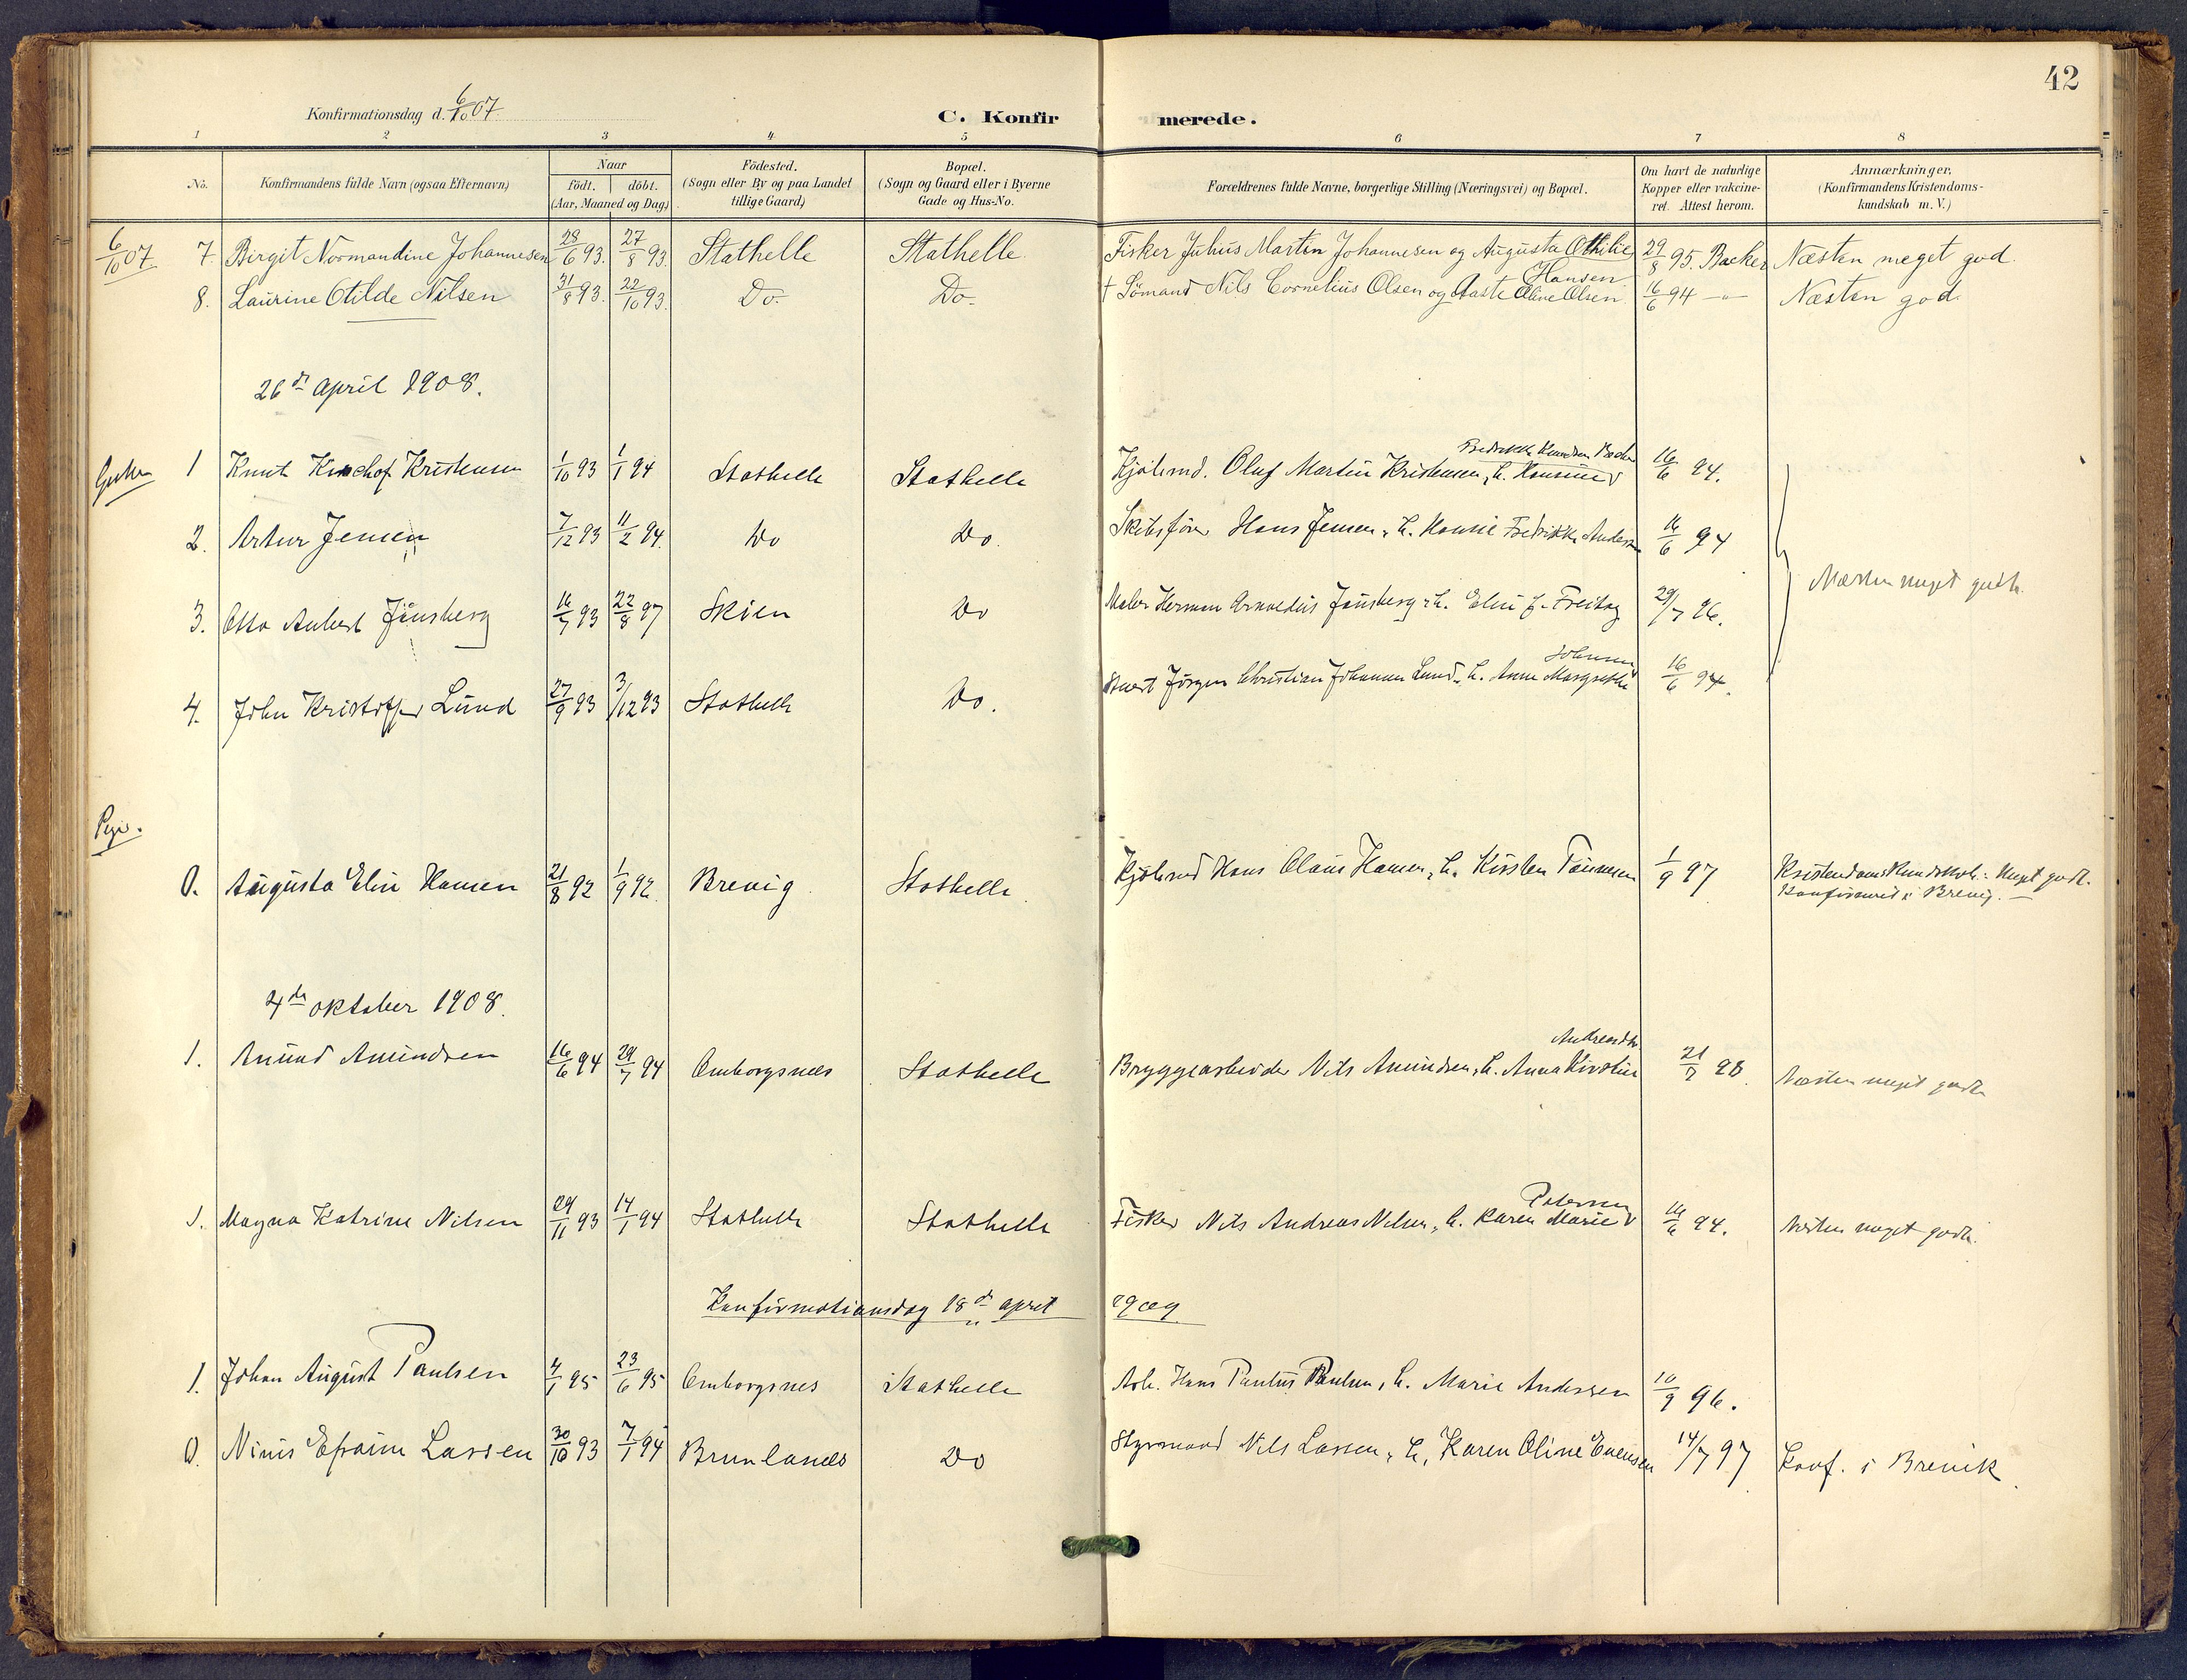 SAKO, Bamble kirkebøker, F/Fb/L0002: Ministerialbok nr. II 2, 1900-1921, s. 42